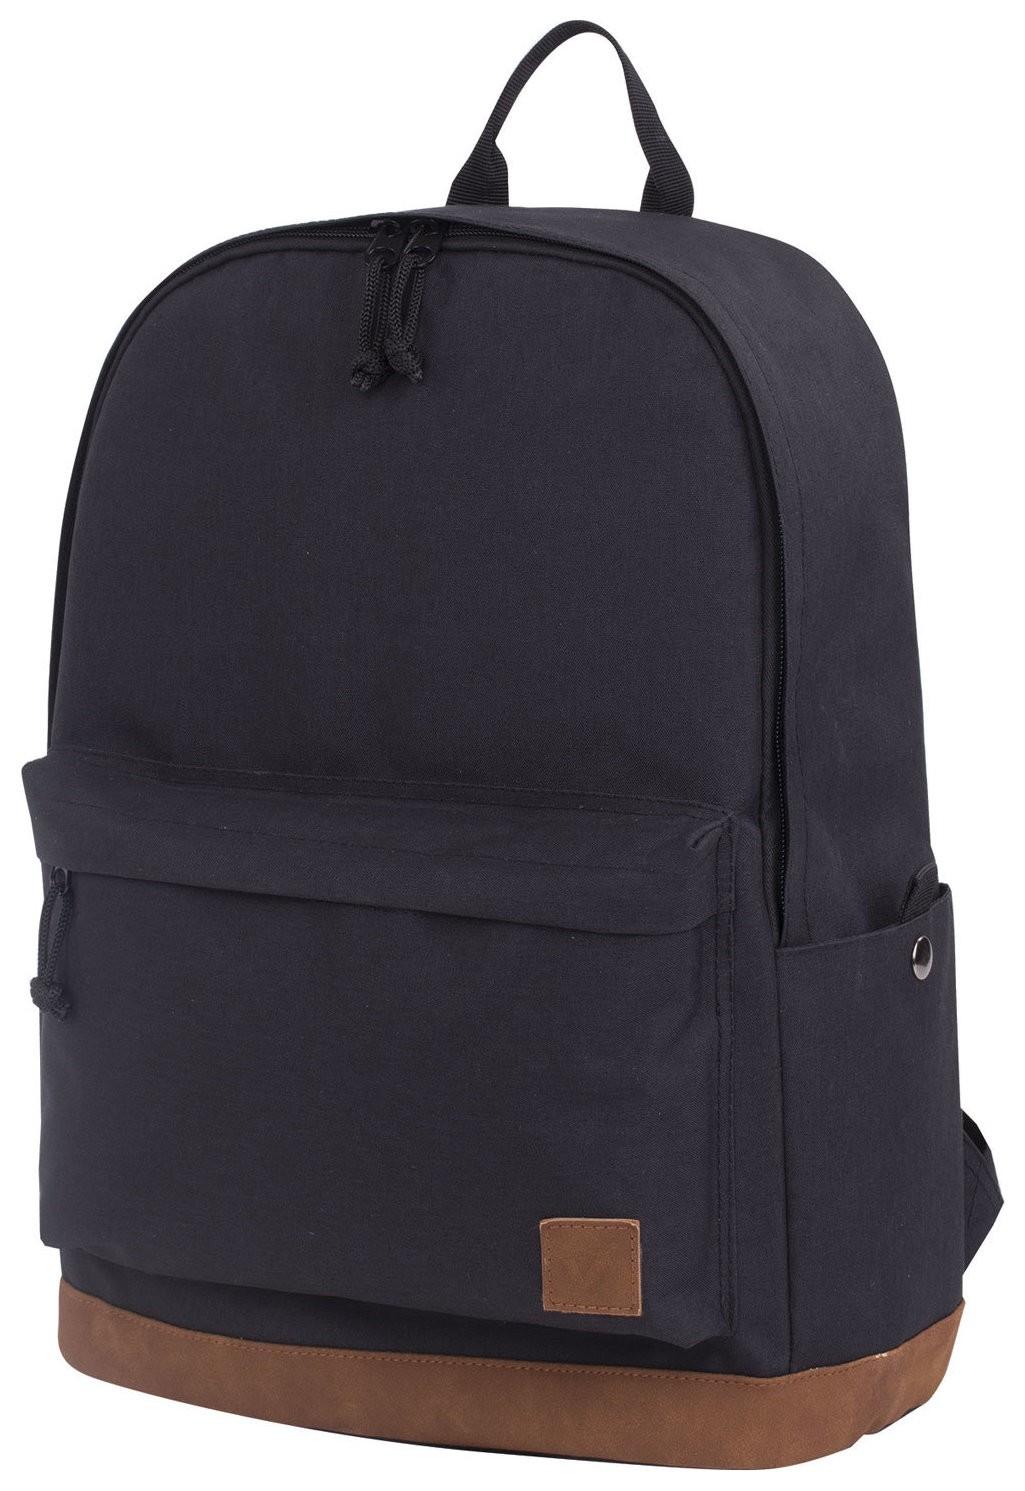 Рюкзак BRAUBERG универсальный, сити-формат, Black Melange, с защитой от влаги, 43х30х17 см   Brauberg